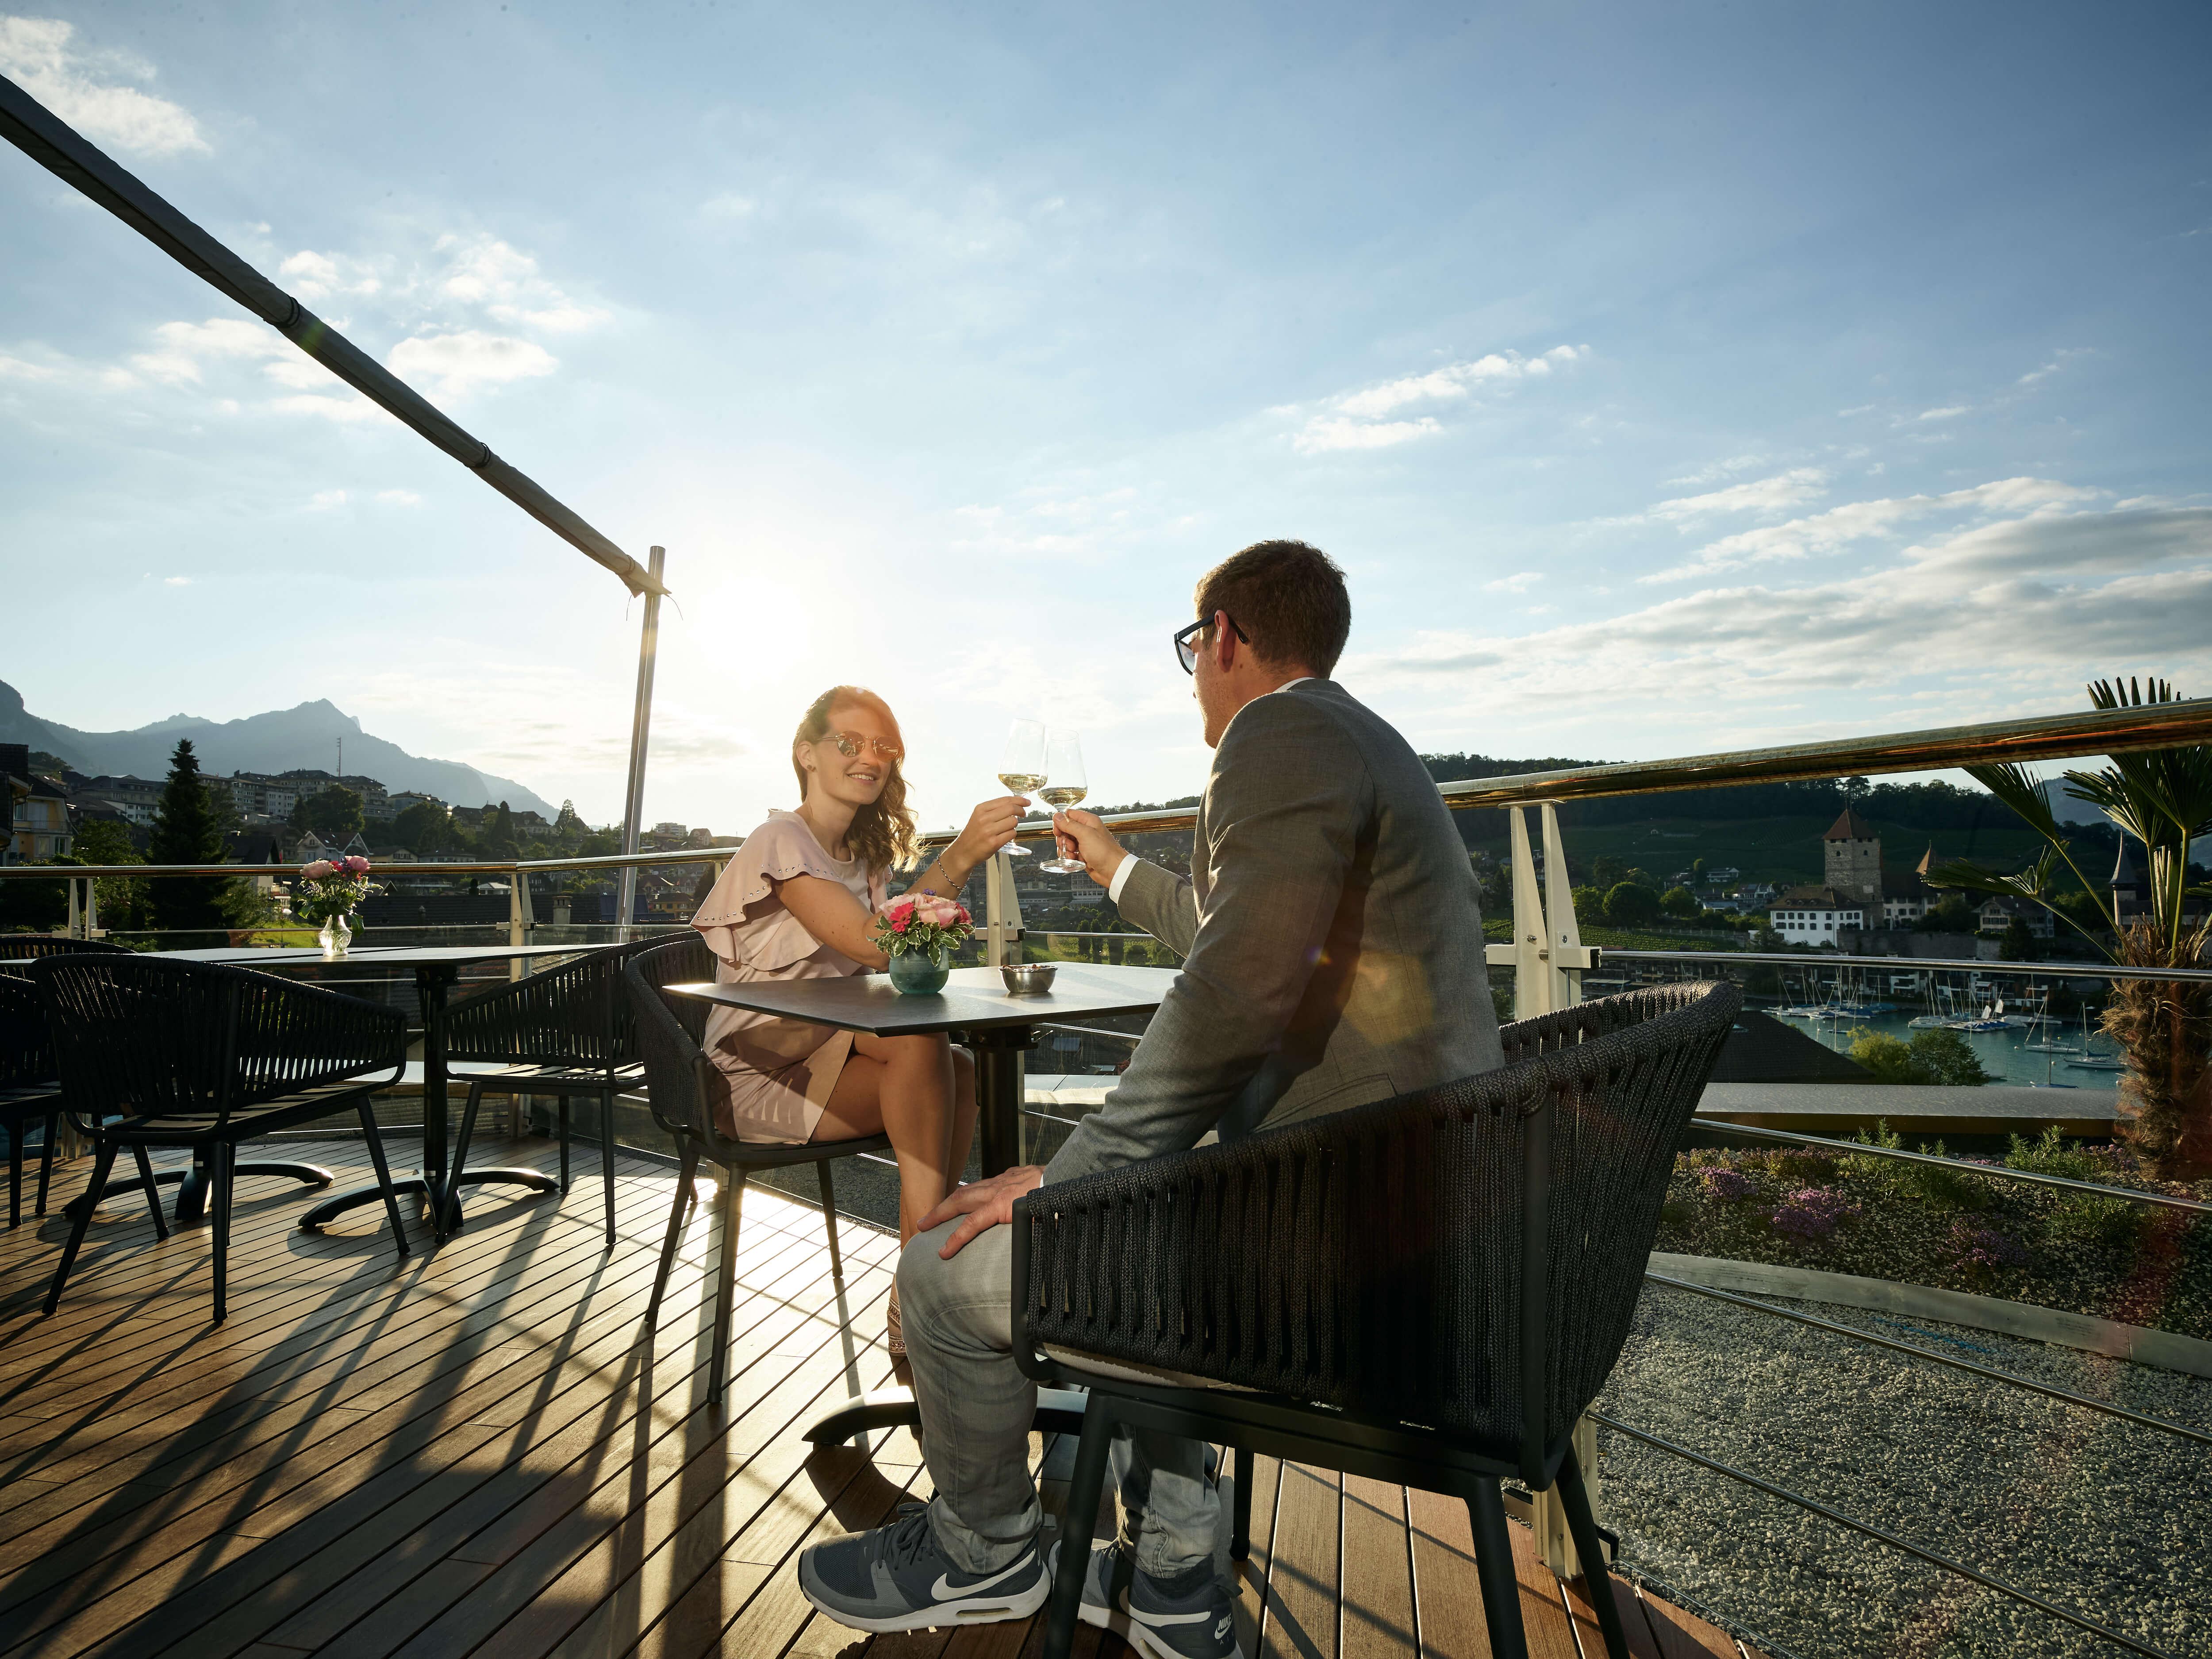 belvedere-captains-bar-terrasse-spiez-sommer.jpg